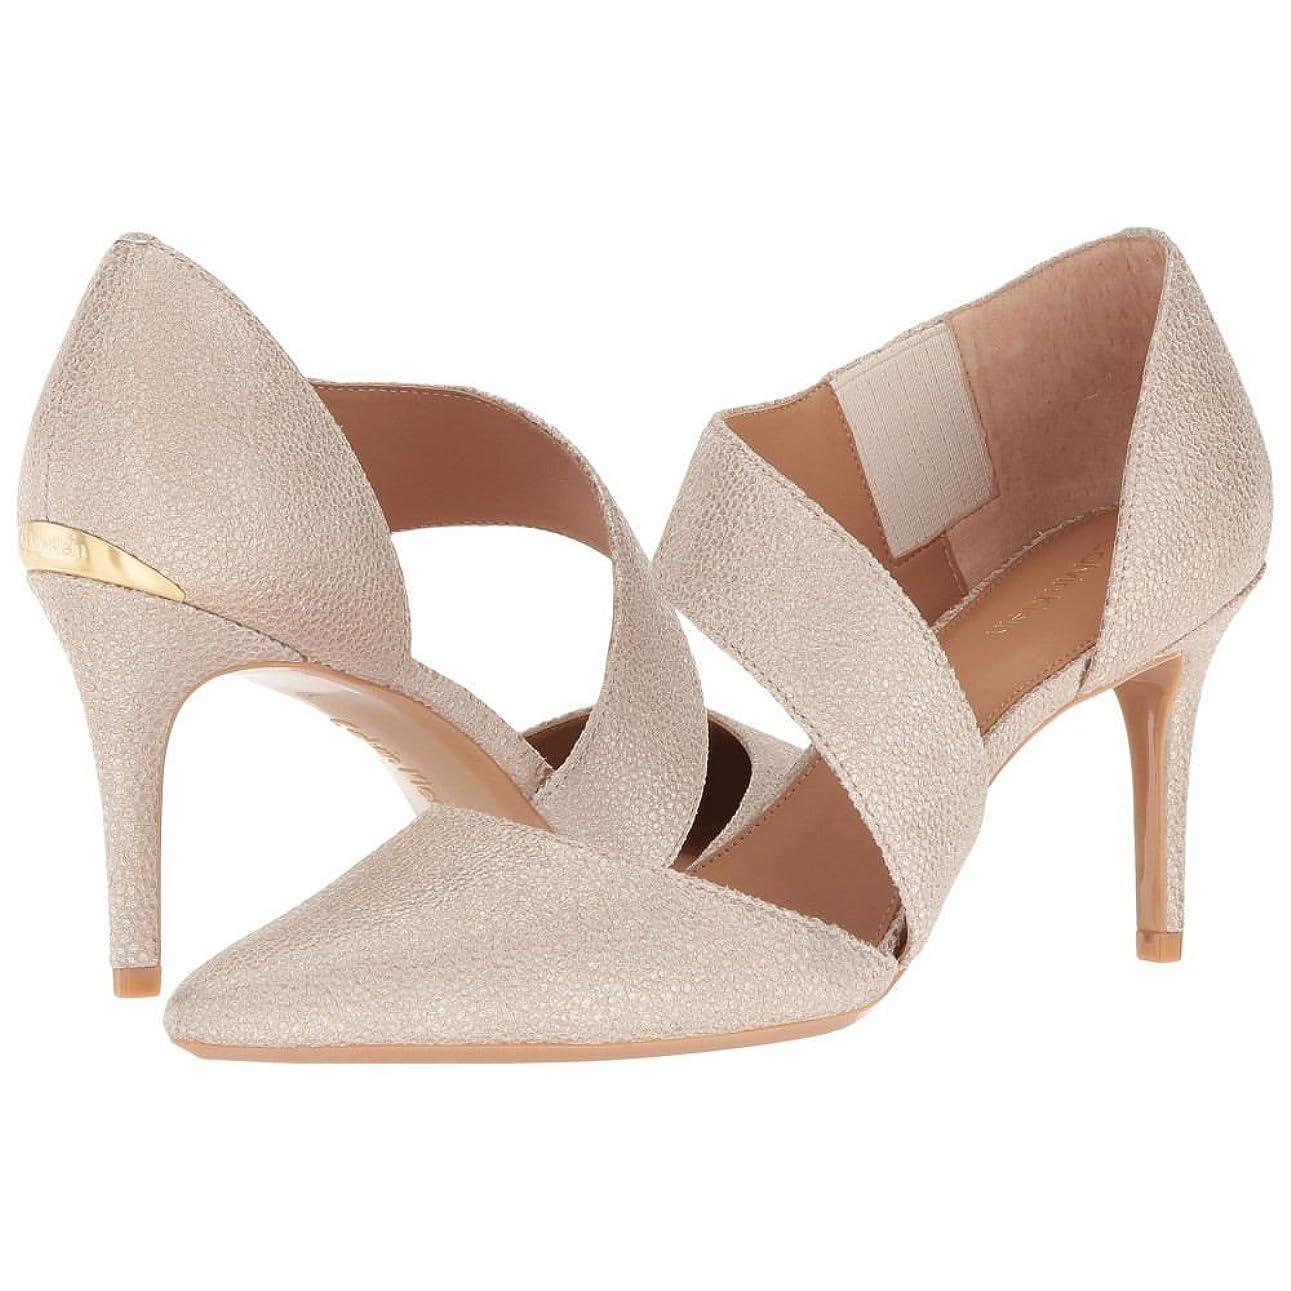 旋律的同様の資料(カルバンクライン) Calvin Klein レディース シューズ?靴 パンプス Gella 並行輸入品